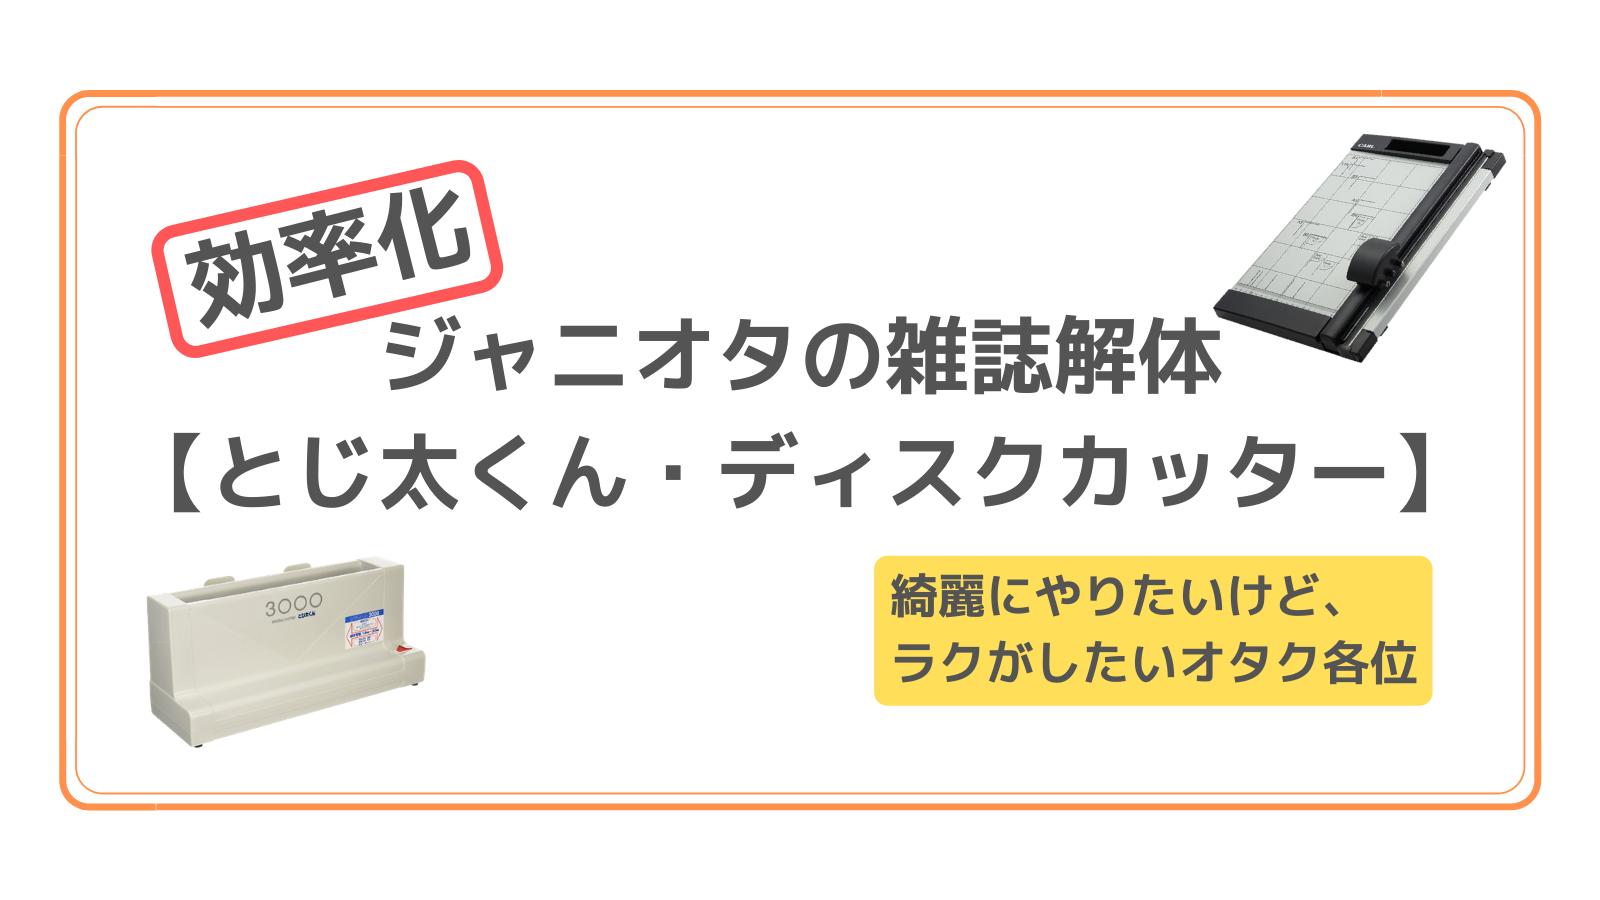 アイキャッチ 【効率化】ジャニオタの雑誌解体【とじ太くん・ディスクカッター】